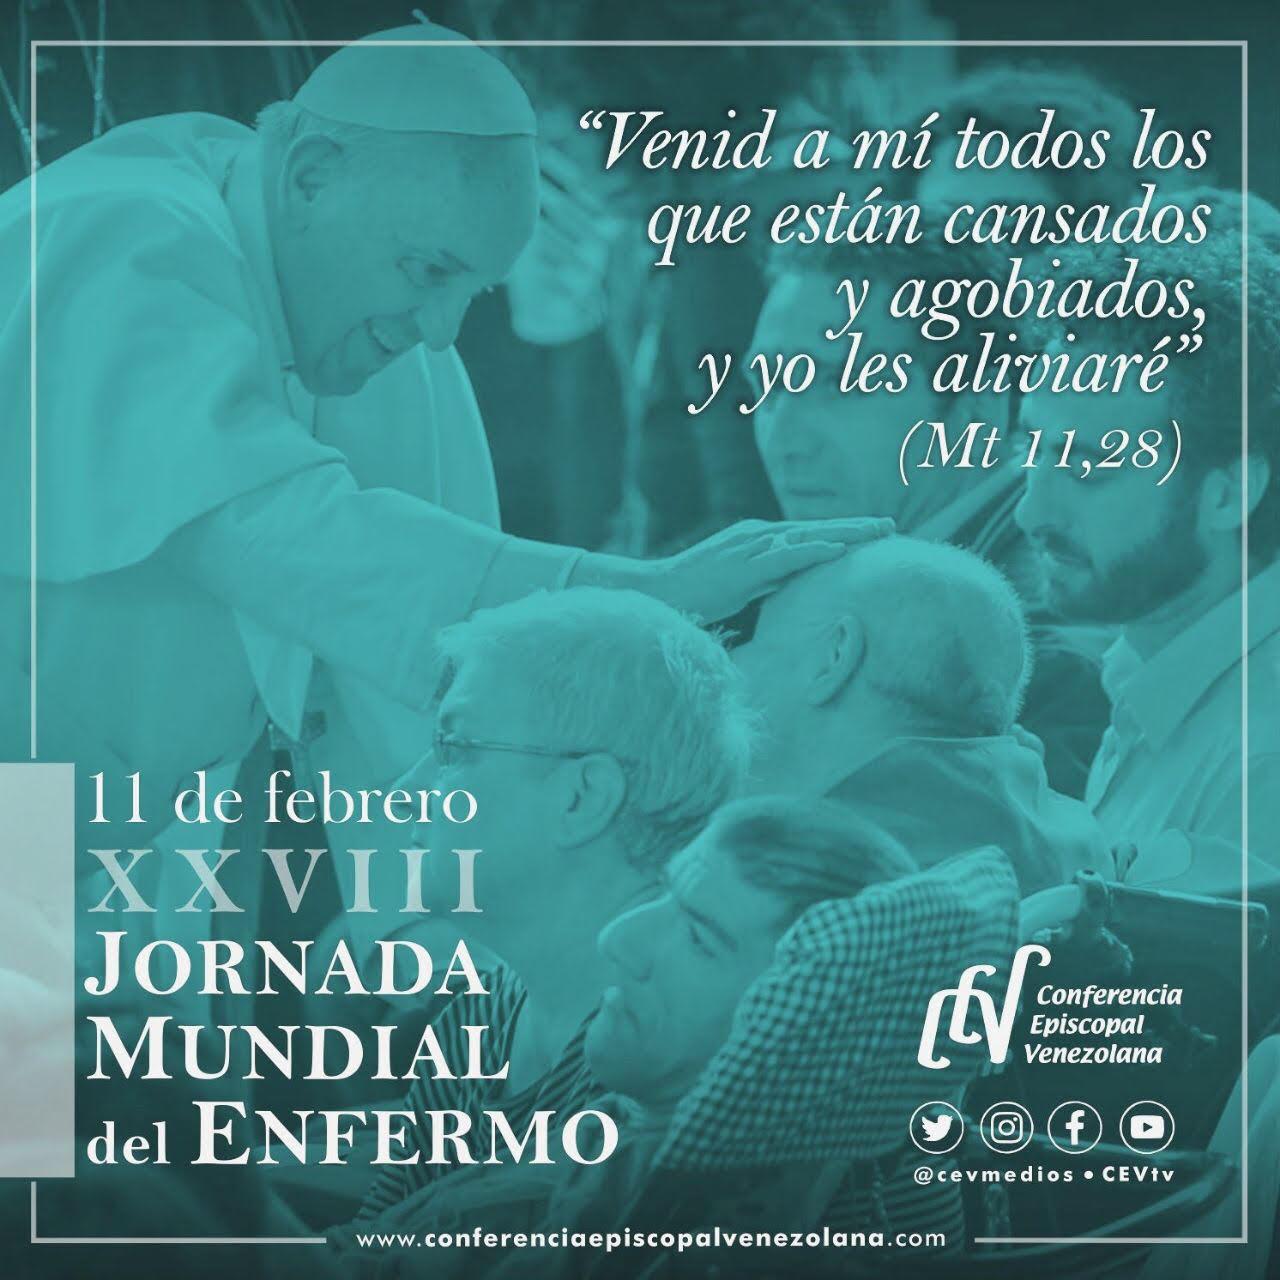 Mensaje del Papa Francisco para la XXVIII Jornada Mundial del Enfermo